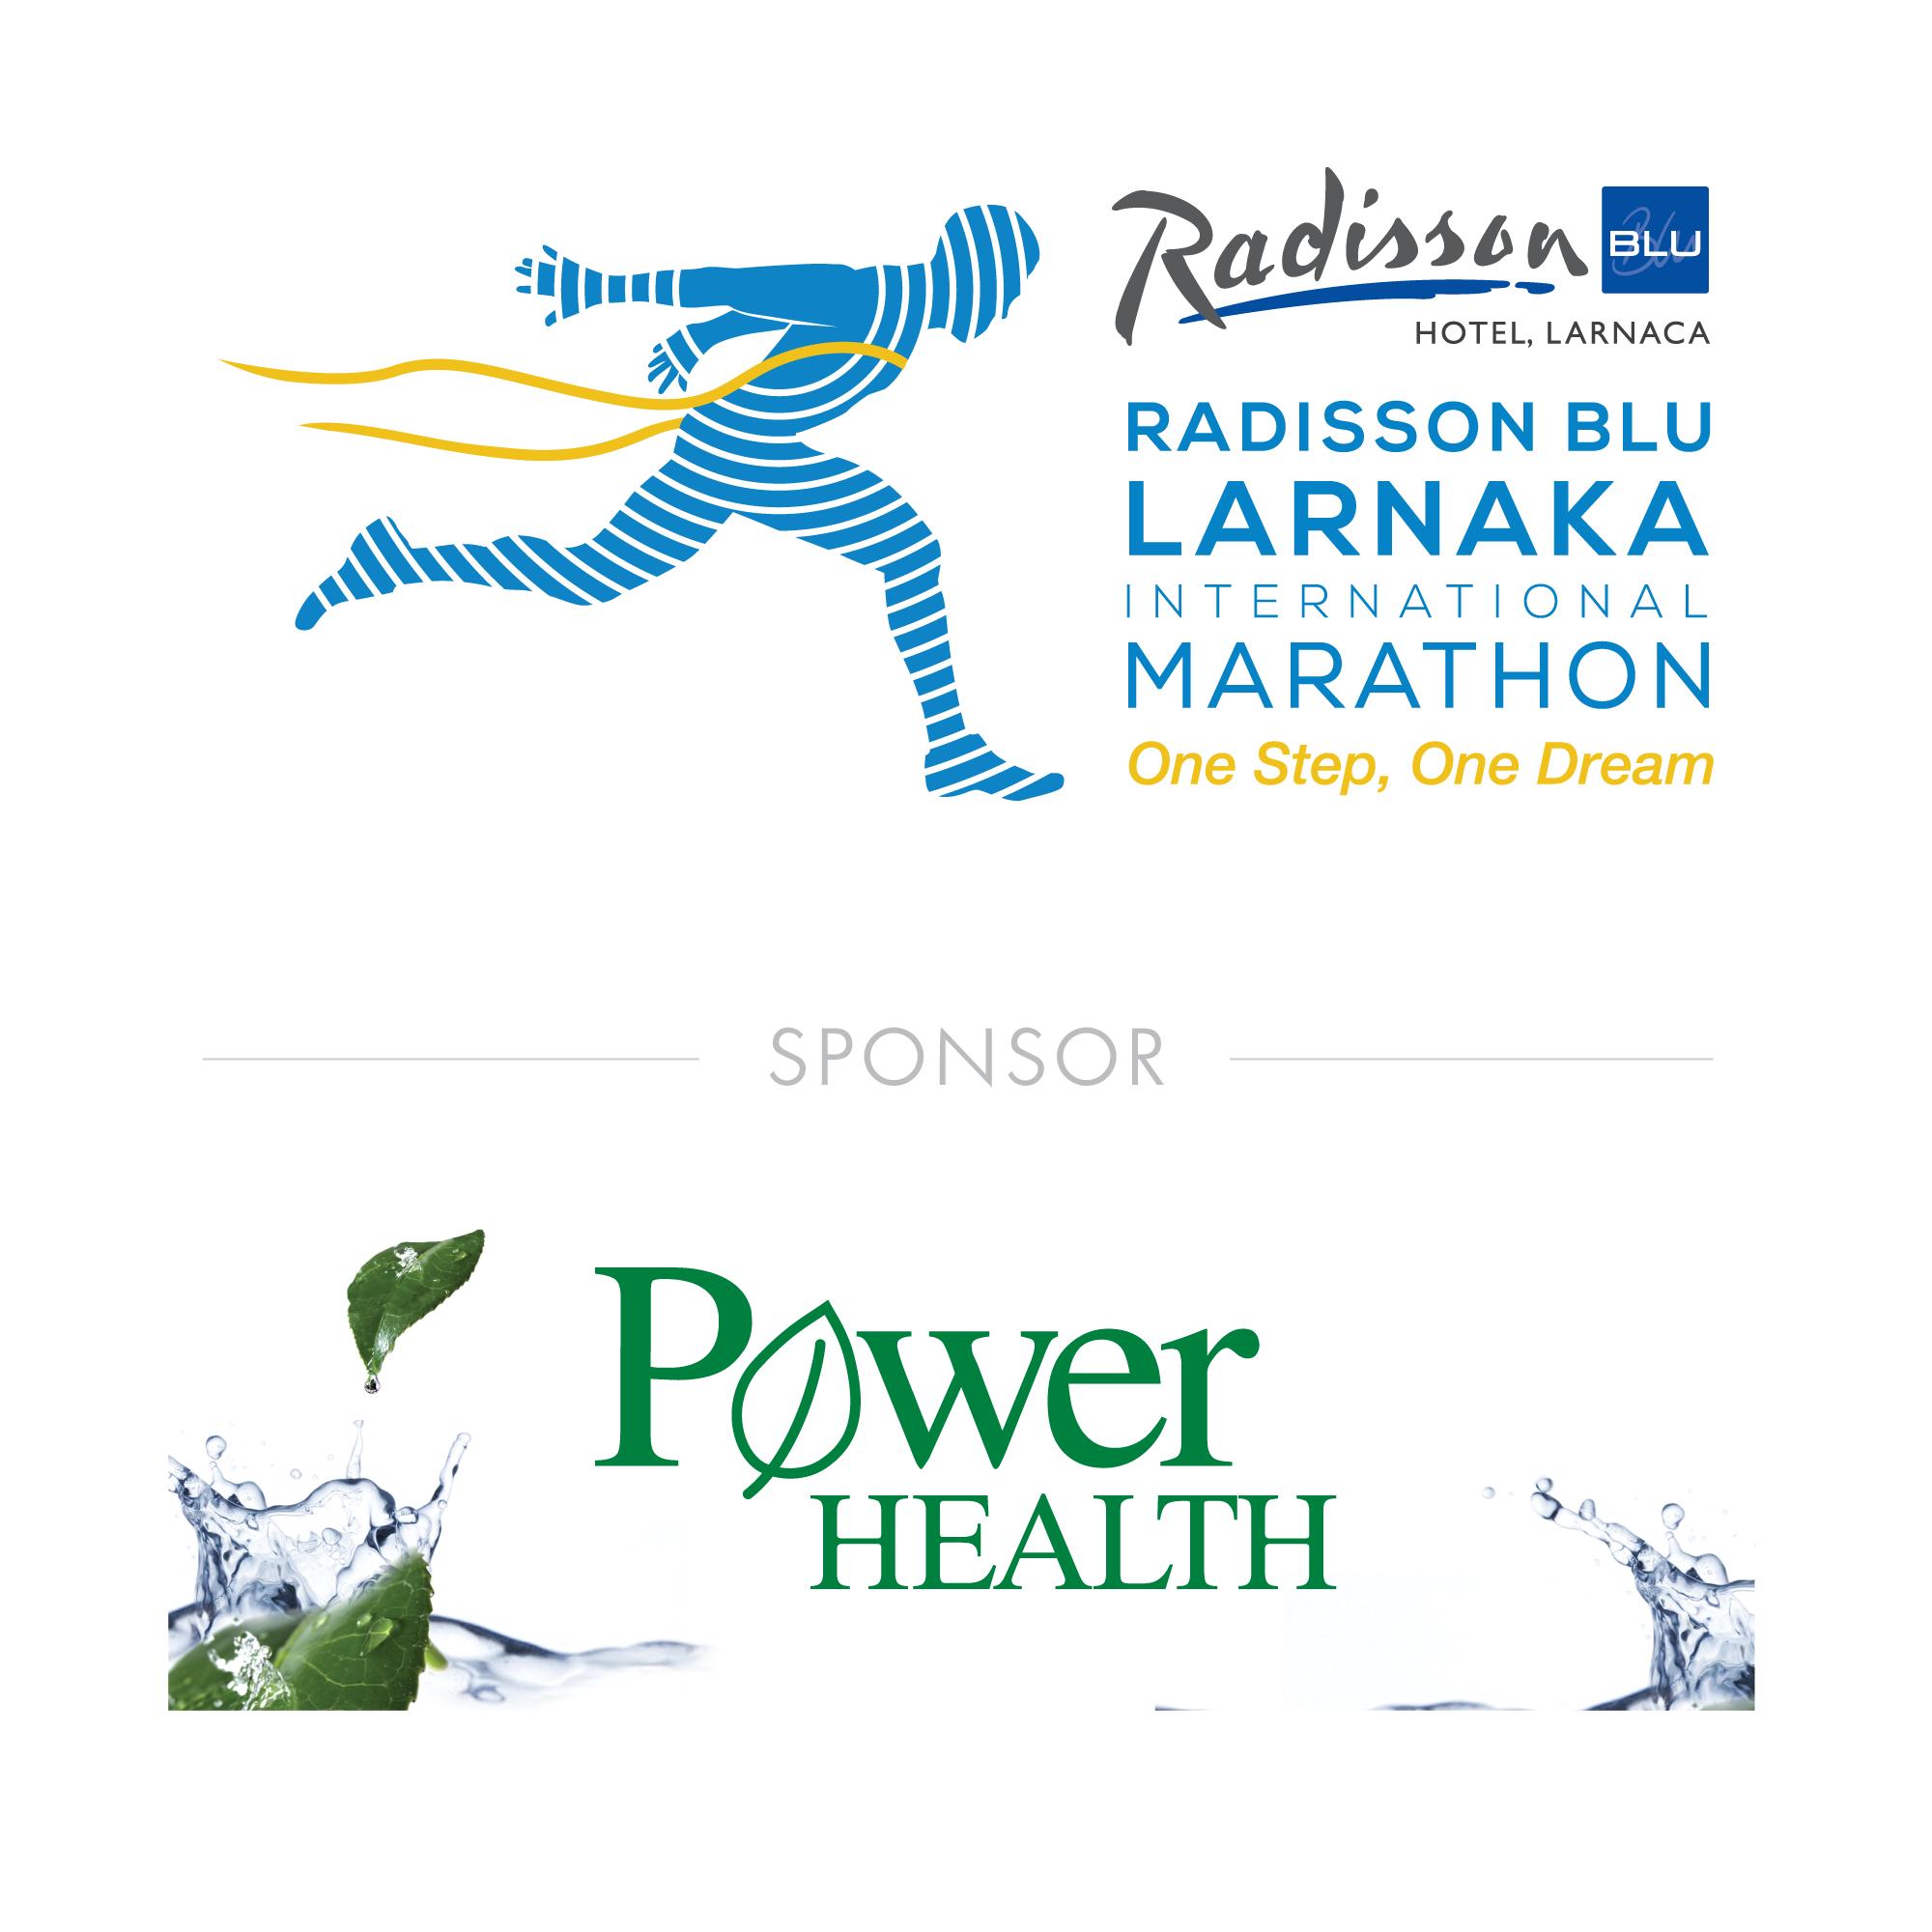 Η Power Health φέρνει τη δύναμη της φύσης στον Radisson Blu Larnaka International Marathon